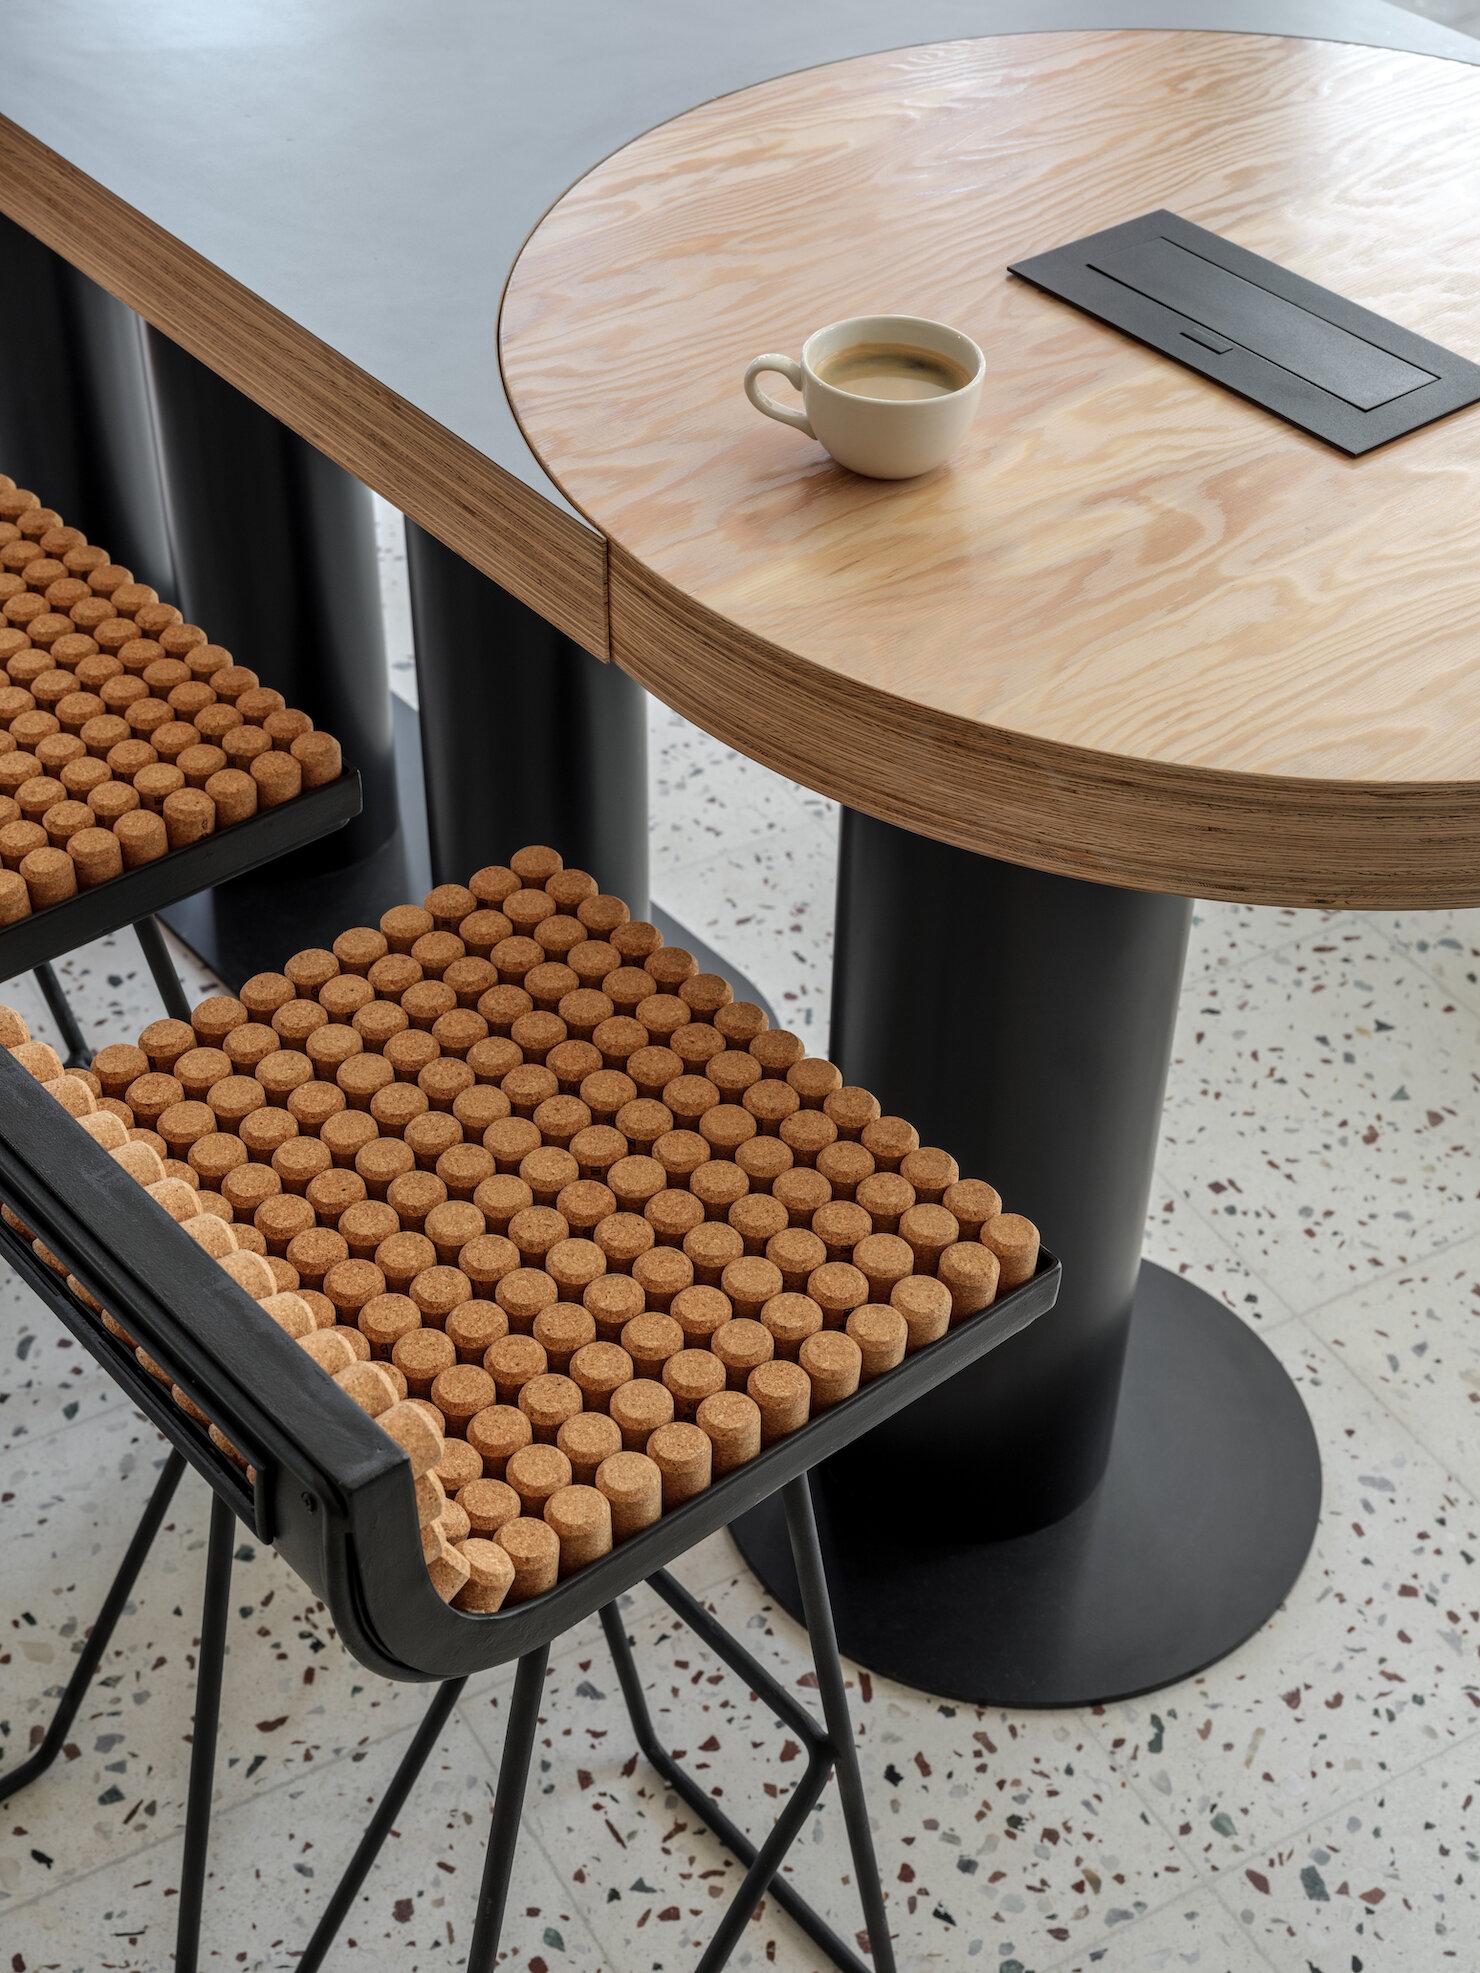 Unique, cork-covered seating design.